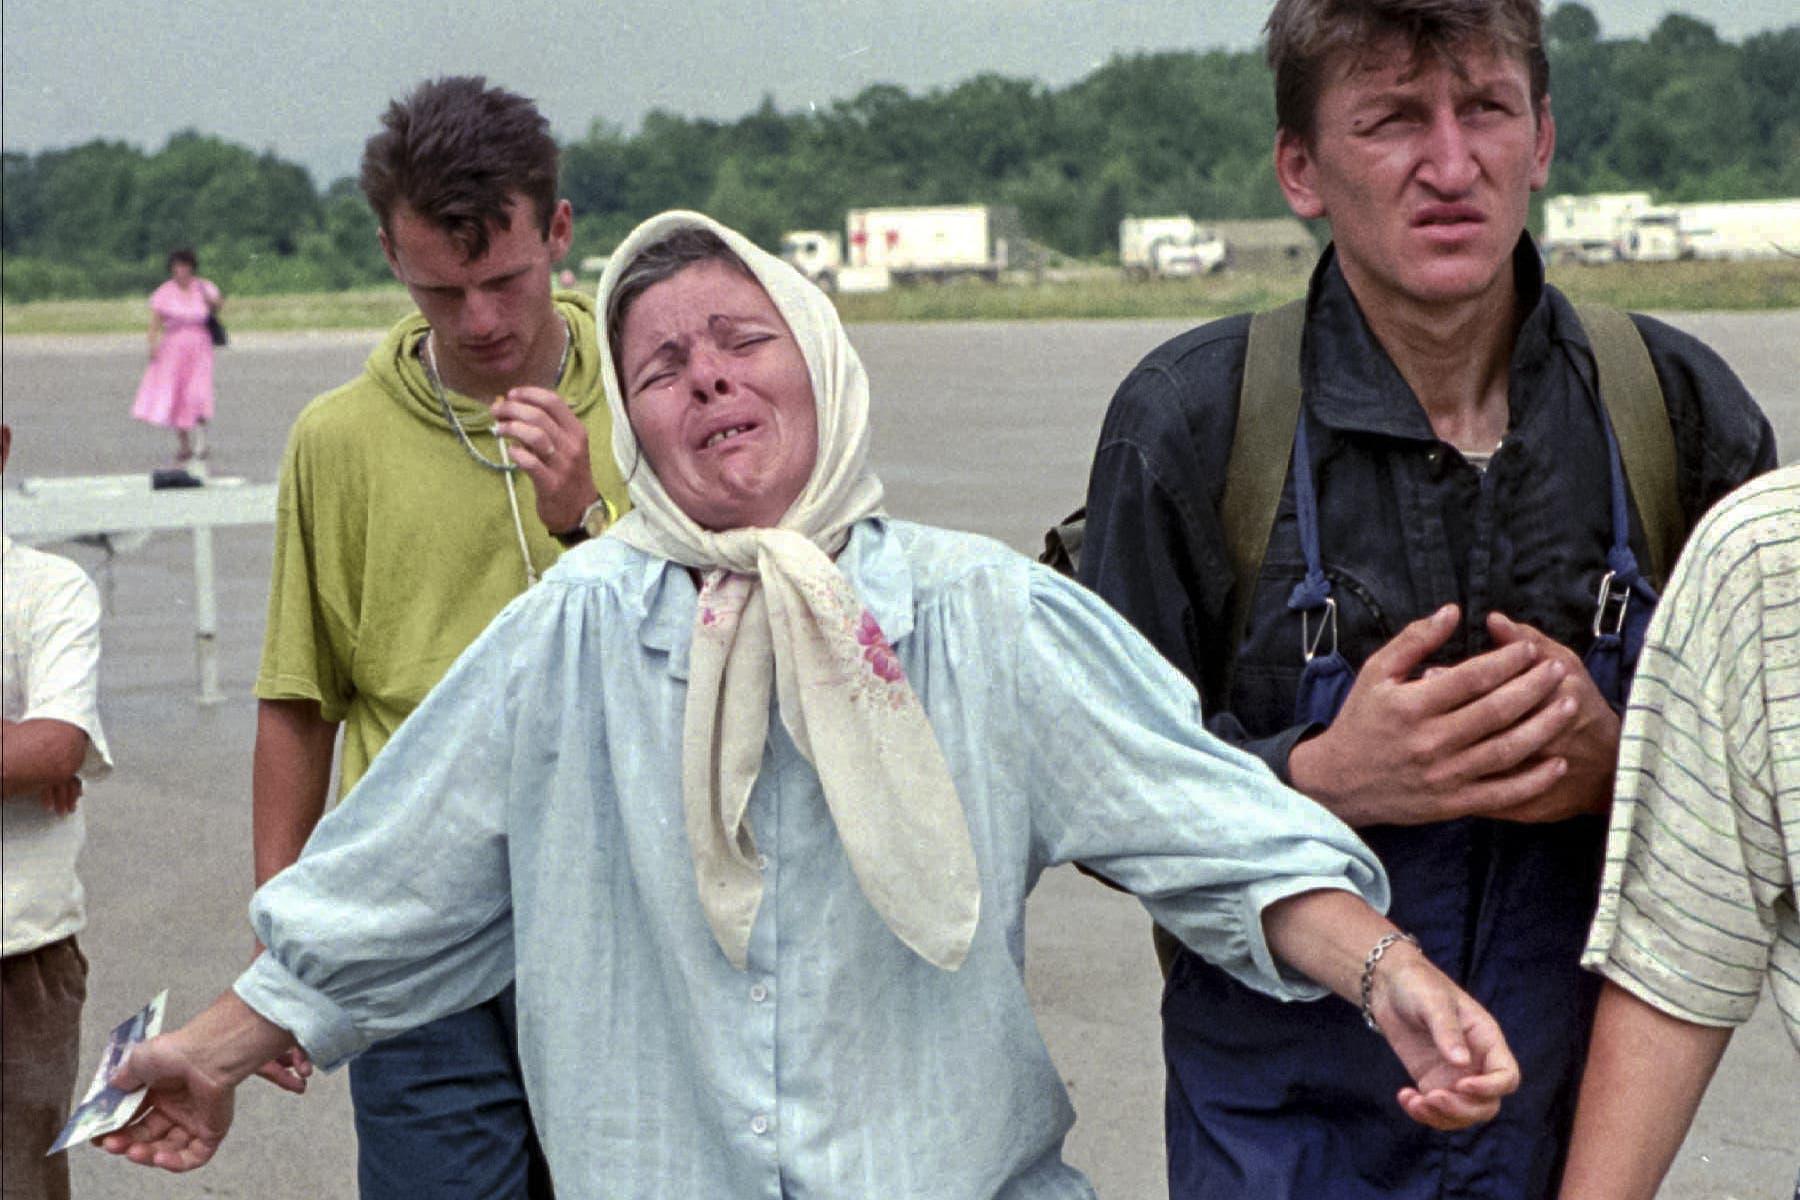 Da Massaker von Srebrenica gilt als schlimmstes Kriegsverbrechen in Europa seit dem Ende des Zweiten Weltkriegs.